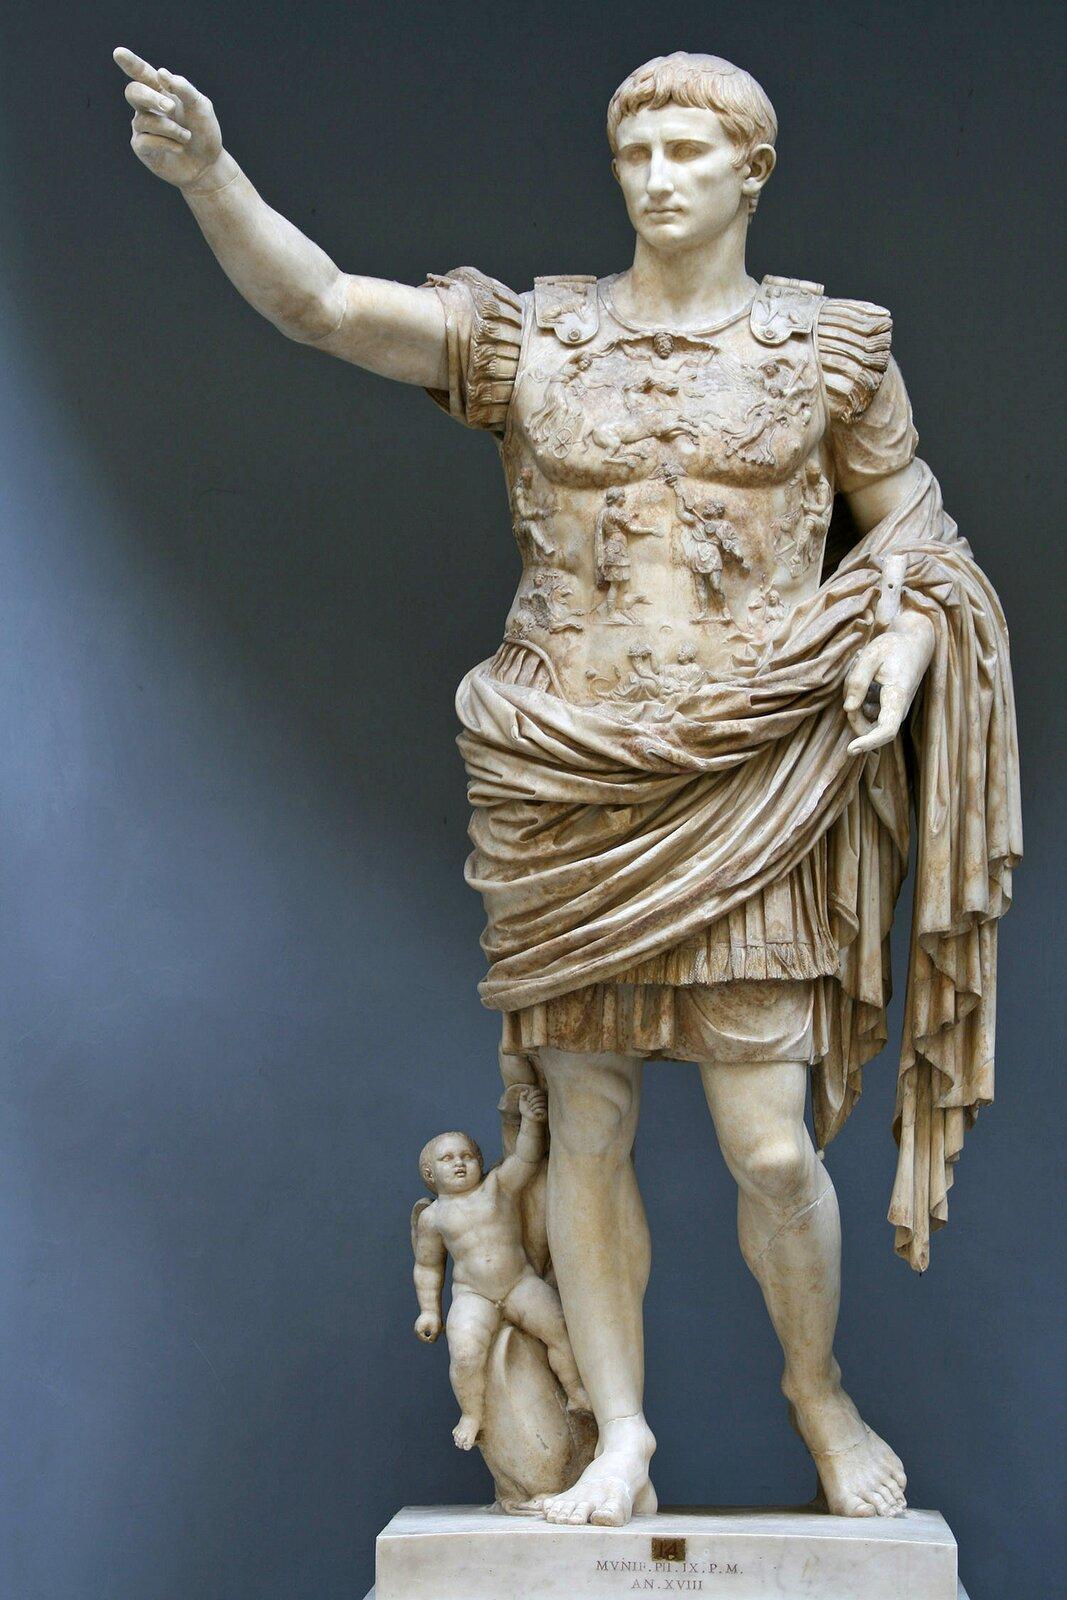 """Ilustracja przedstawia rzeźbę zatytułowaną """"August zPrima Porta"""". Ukazuje ona stojącą postać cesarza. Jest on ubrany wkrótką tunikę zzapinanym na ramionach bogato zdobionym pancerzem. Przez lewe ramię ibiodra przerzucony ma płaszcz. Wyciągnięta prawa ręka wskazuje, że władca zamierza przemówić. Rzeźba wykonana jest zgodnie zzasadą ponderacji: ciężar posągu spoczywa na prawej stopie; lewa odciążona oparta jest jedynie na palcach. Ustóp cesarza znajduje się Kupidyn na delfinie."""